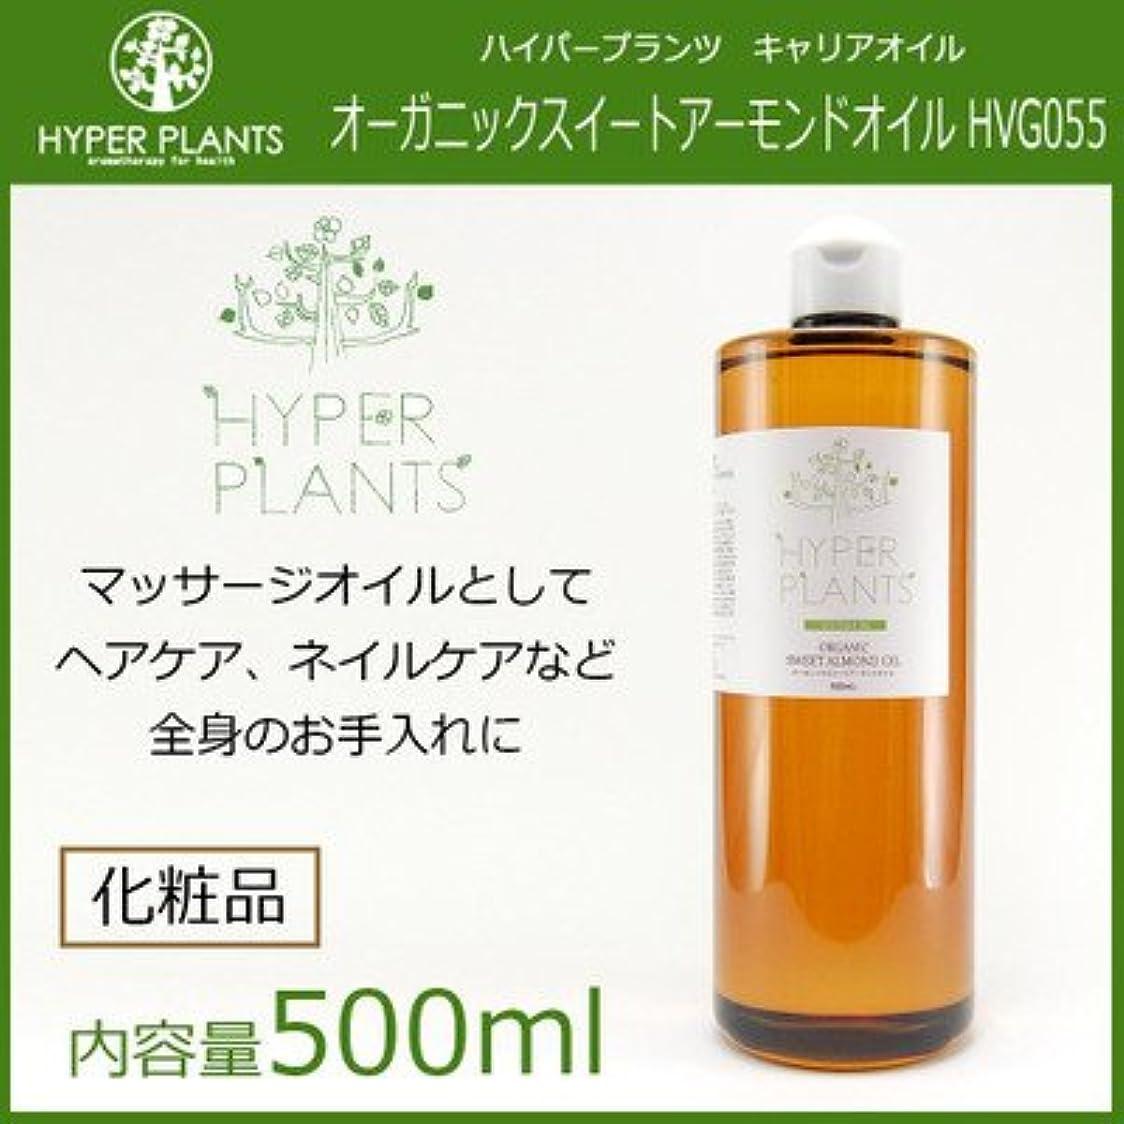 興味シェトランド諸島こっそり天然植物原料100%使用 肌をやさしく守る定番オイル HYPER PLANTS ハイパープランツ キャリアオイル オーガニックスイートアーモンドオイル 500ml HVG055